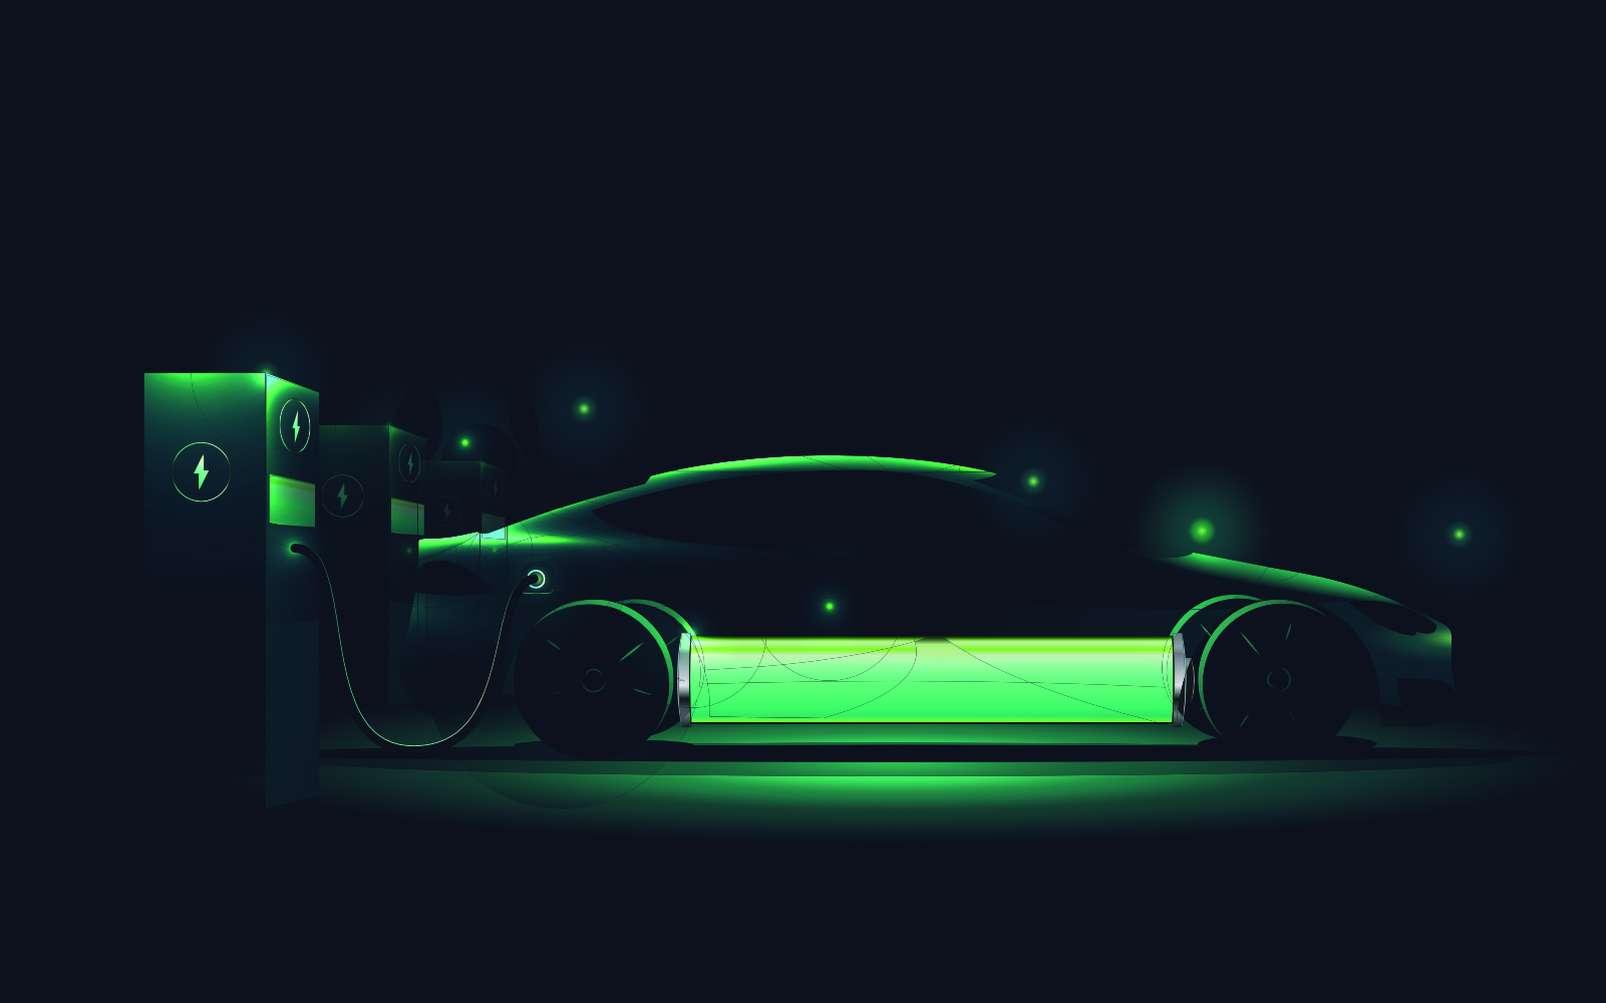 Expérience réussie pour recharger une voiture électrique en 10 minutes. © paul_craft, Adobe Stock